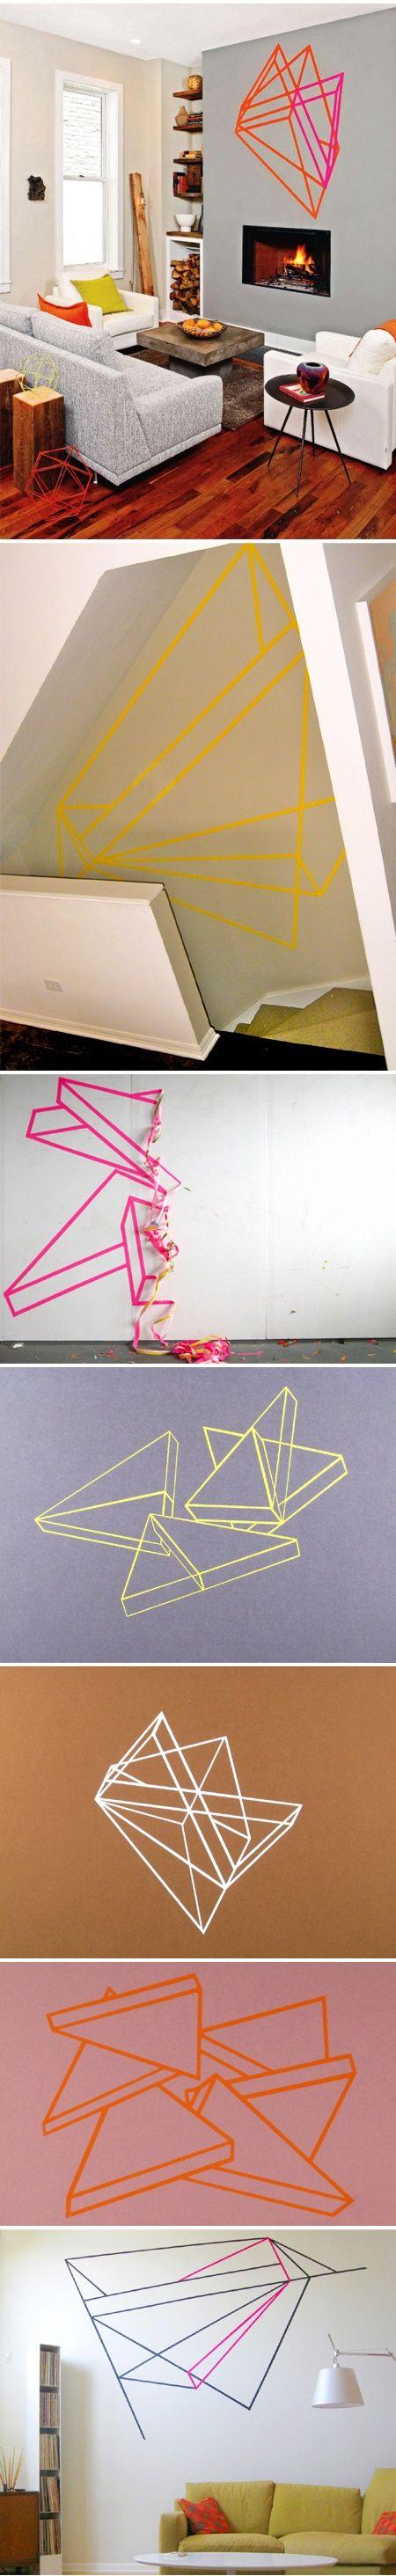 Masking tape wall decoration